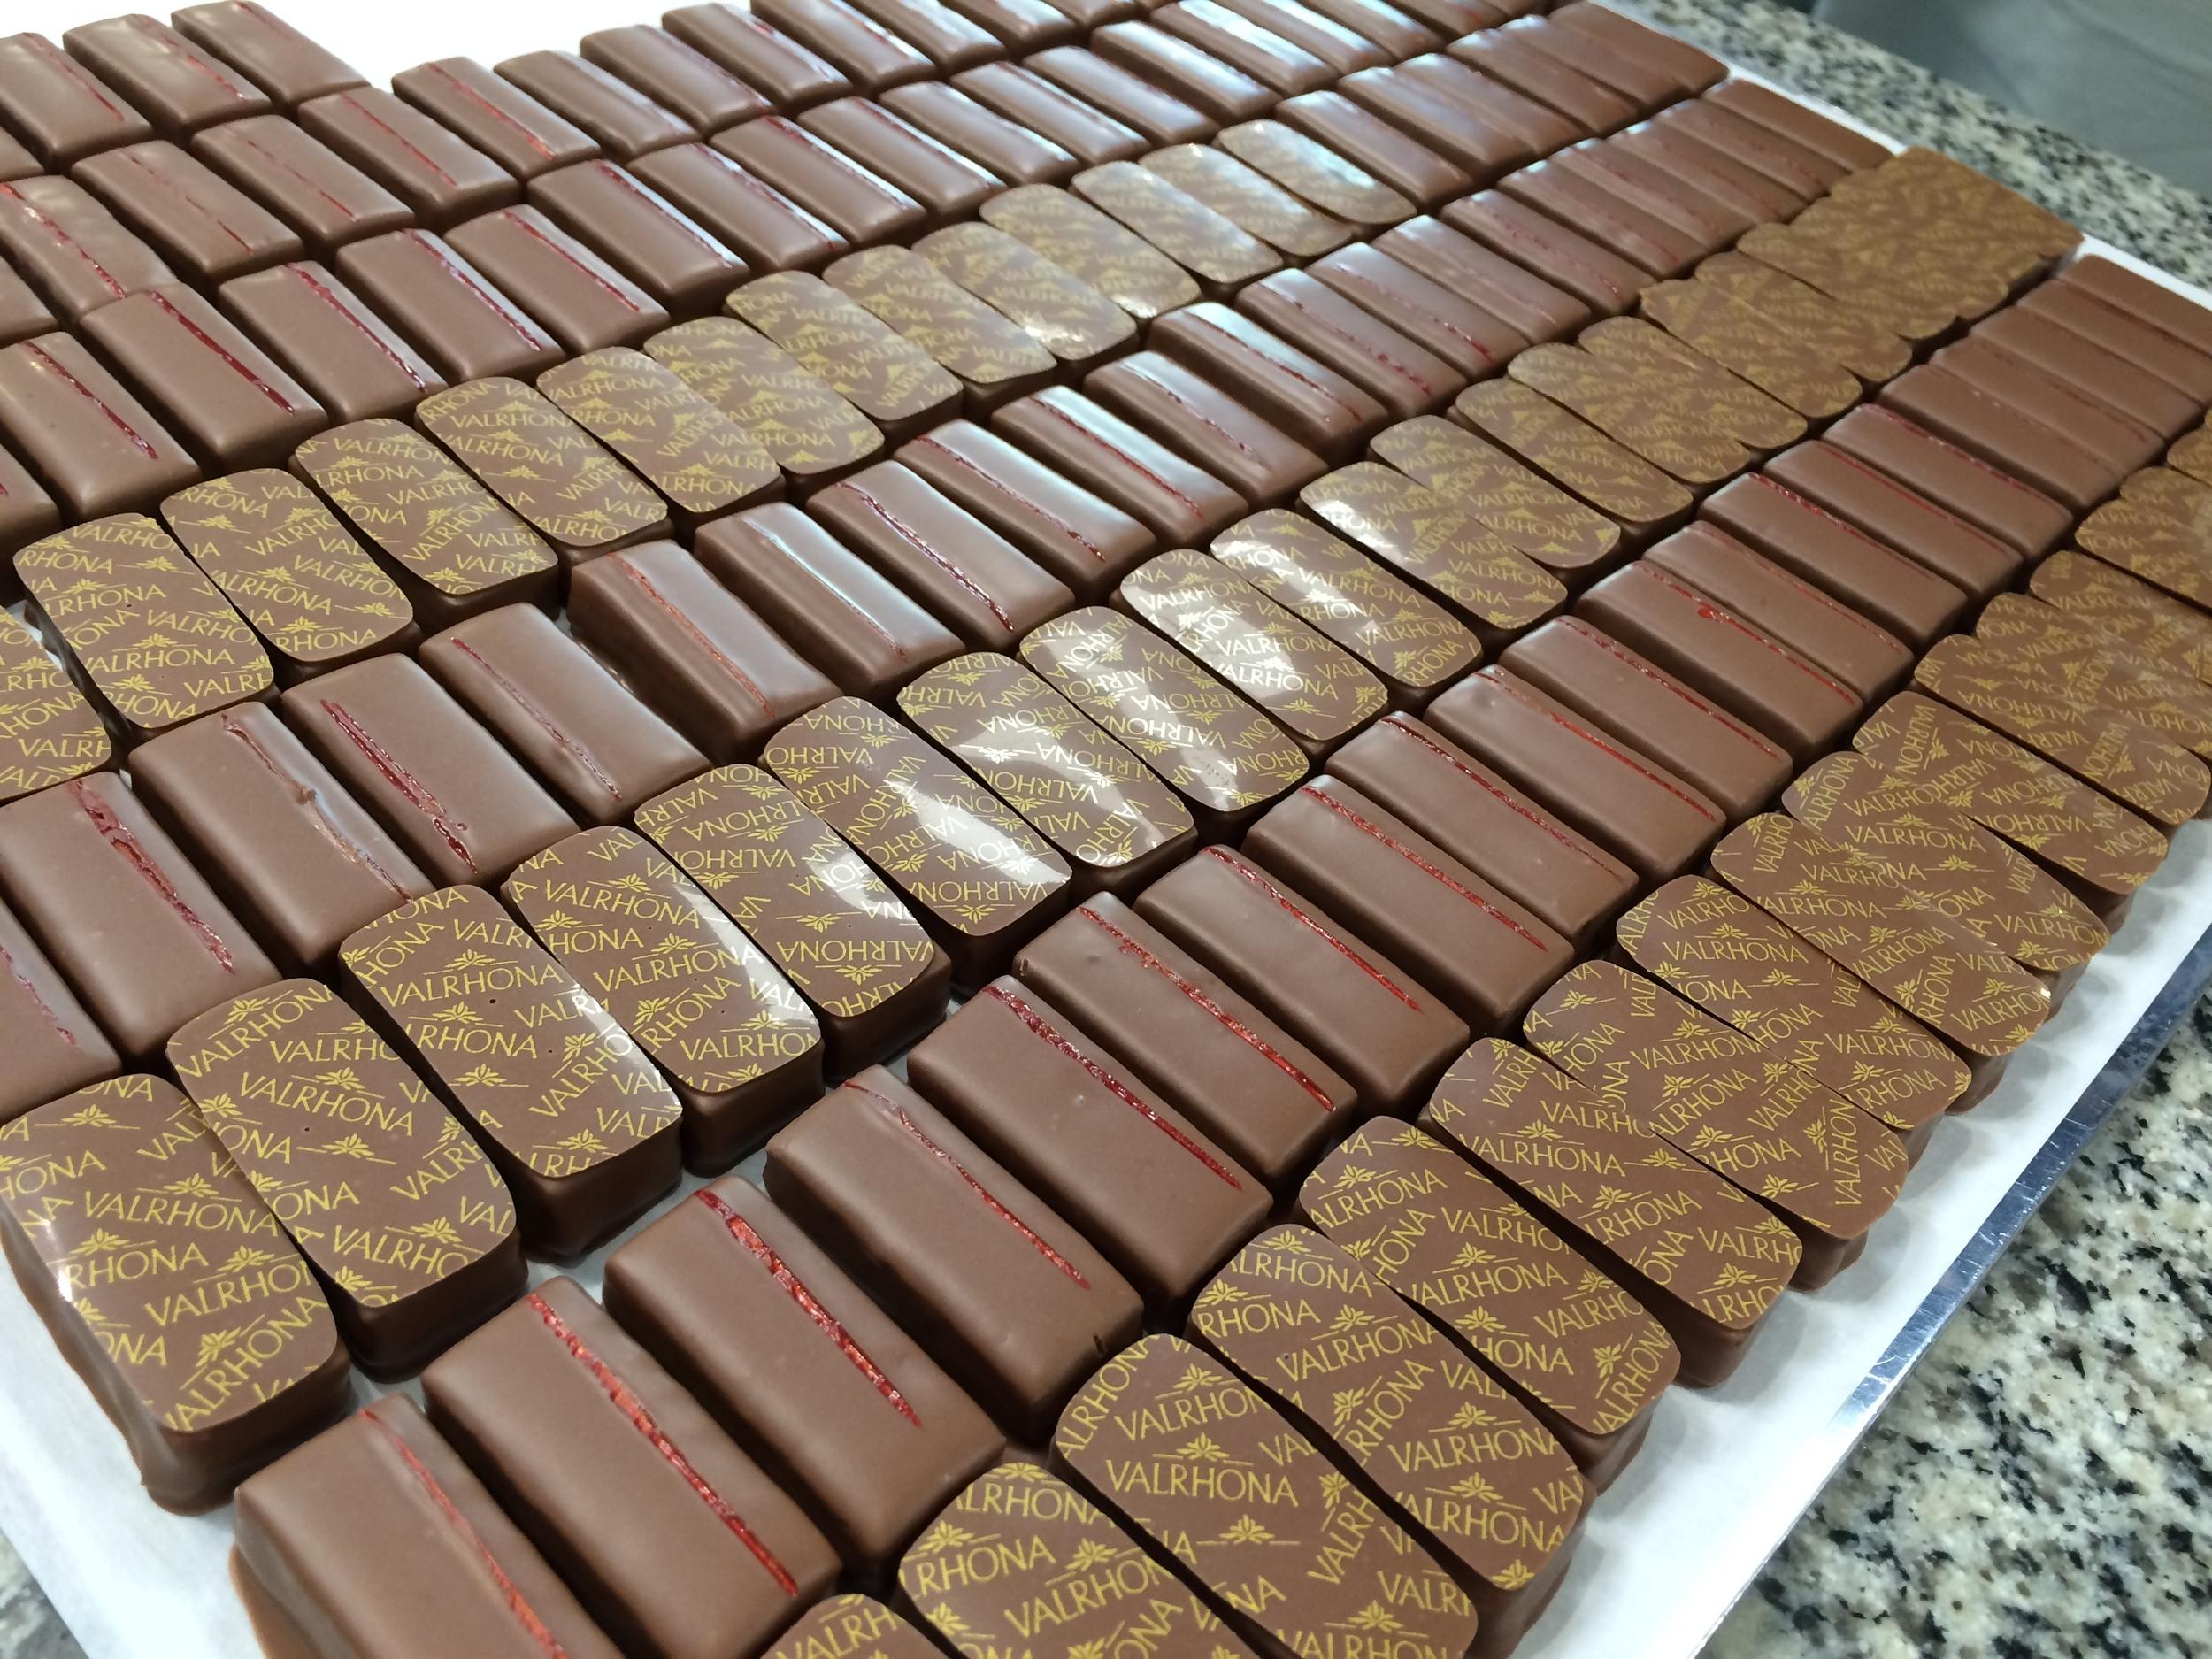 valrhona-sheetsofchocolate.JPG